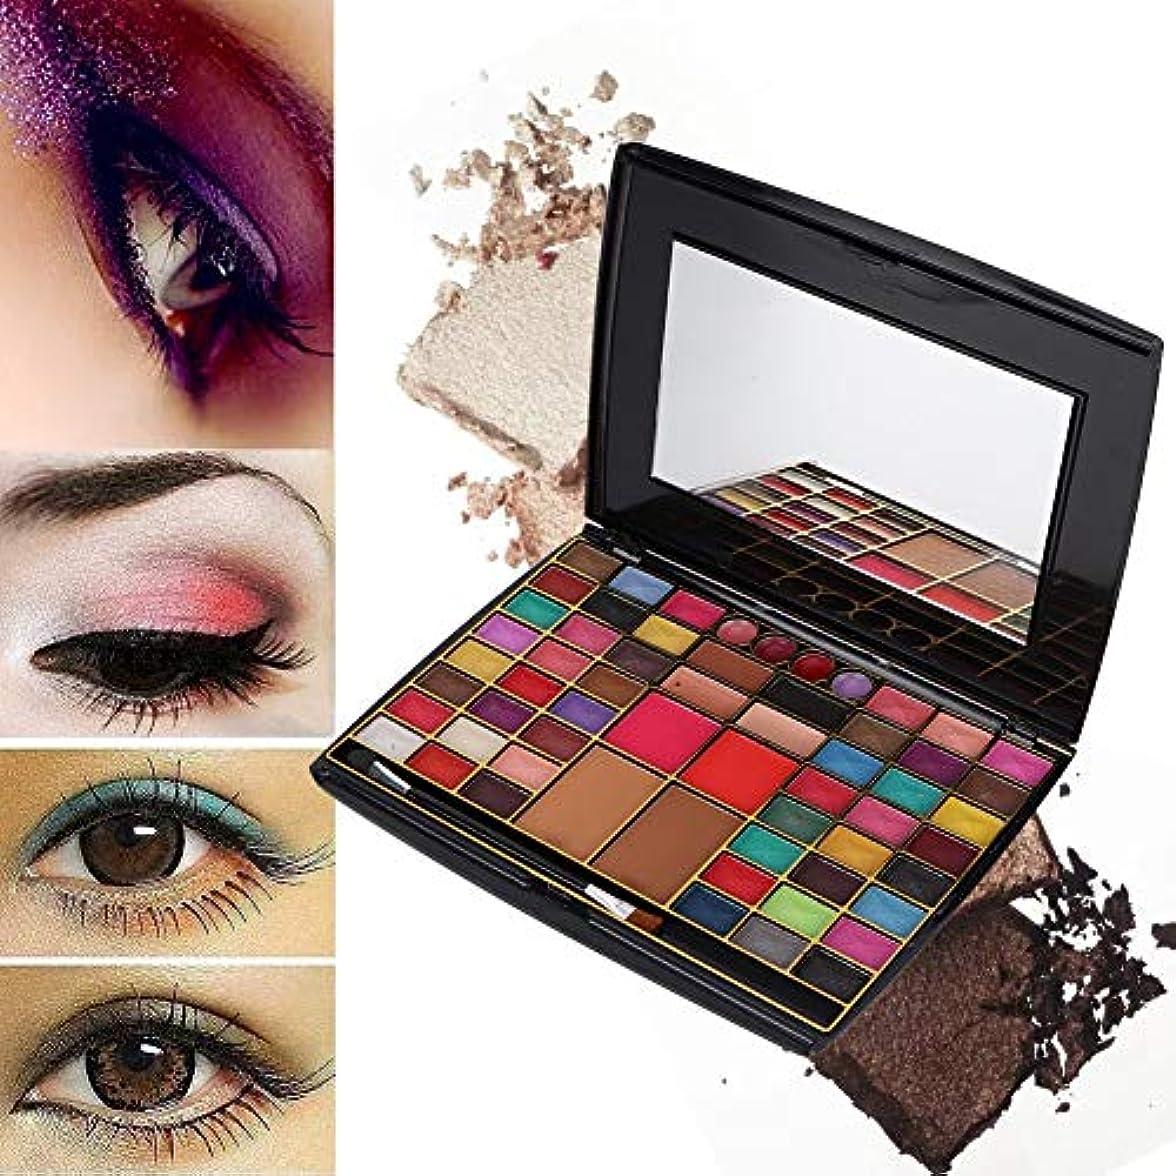 アロング方法論アプローチアイシャドウパレット 化粧マット 60色 化粧品ツール グロス アイシャドウパウダー